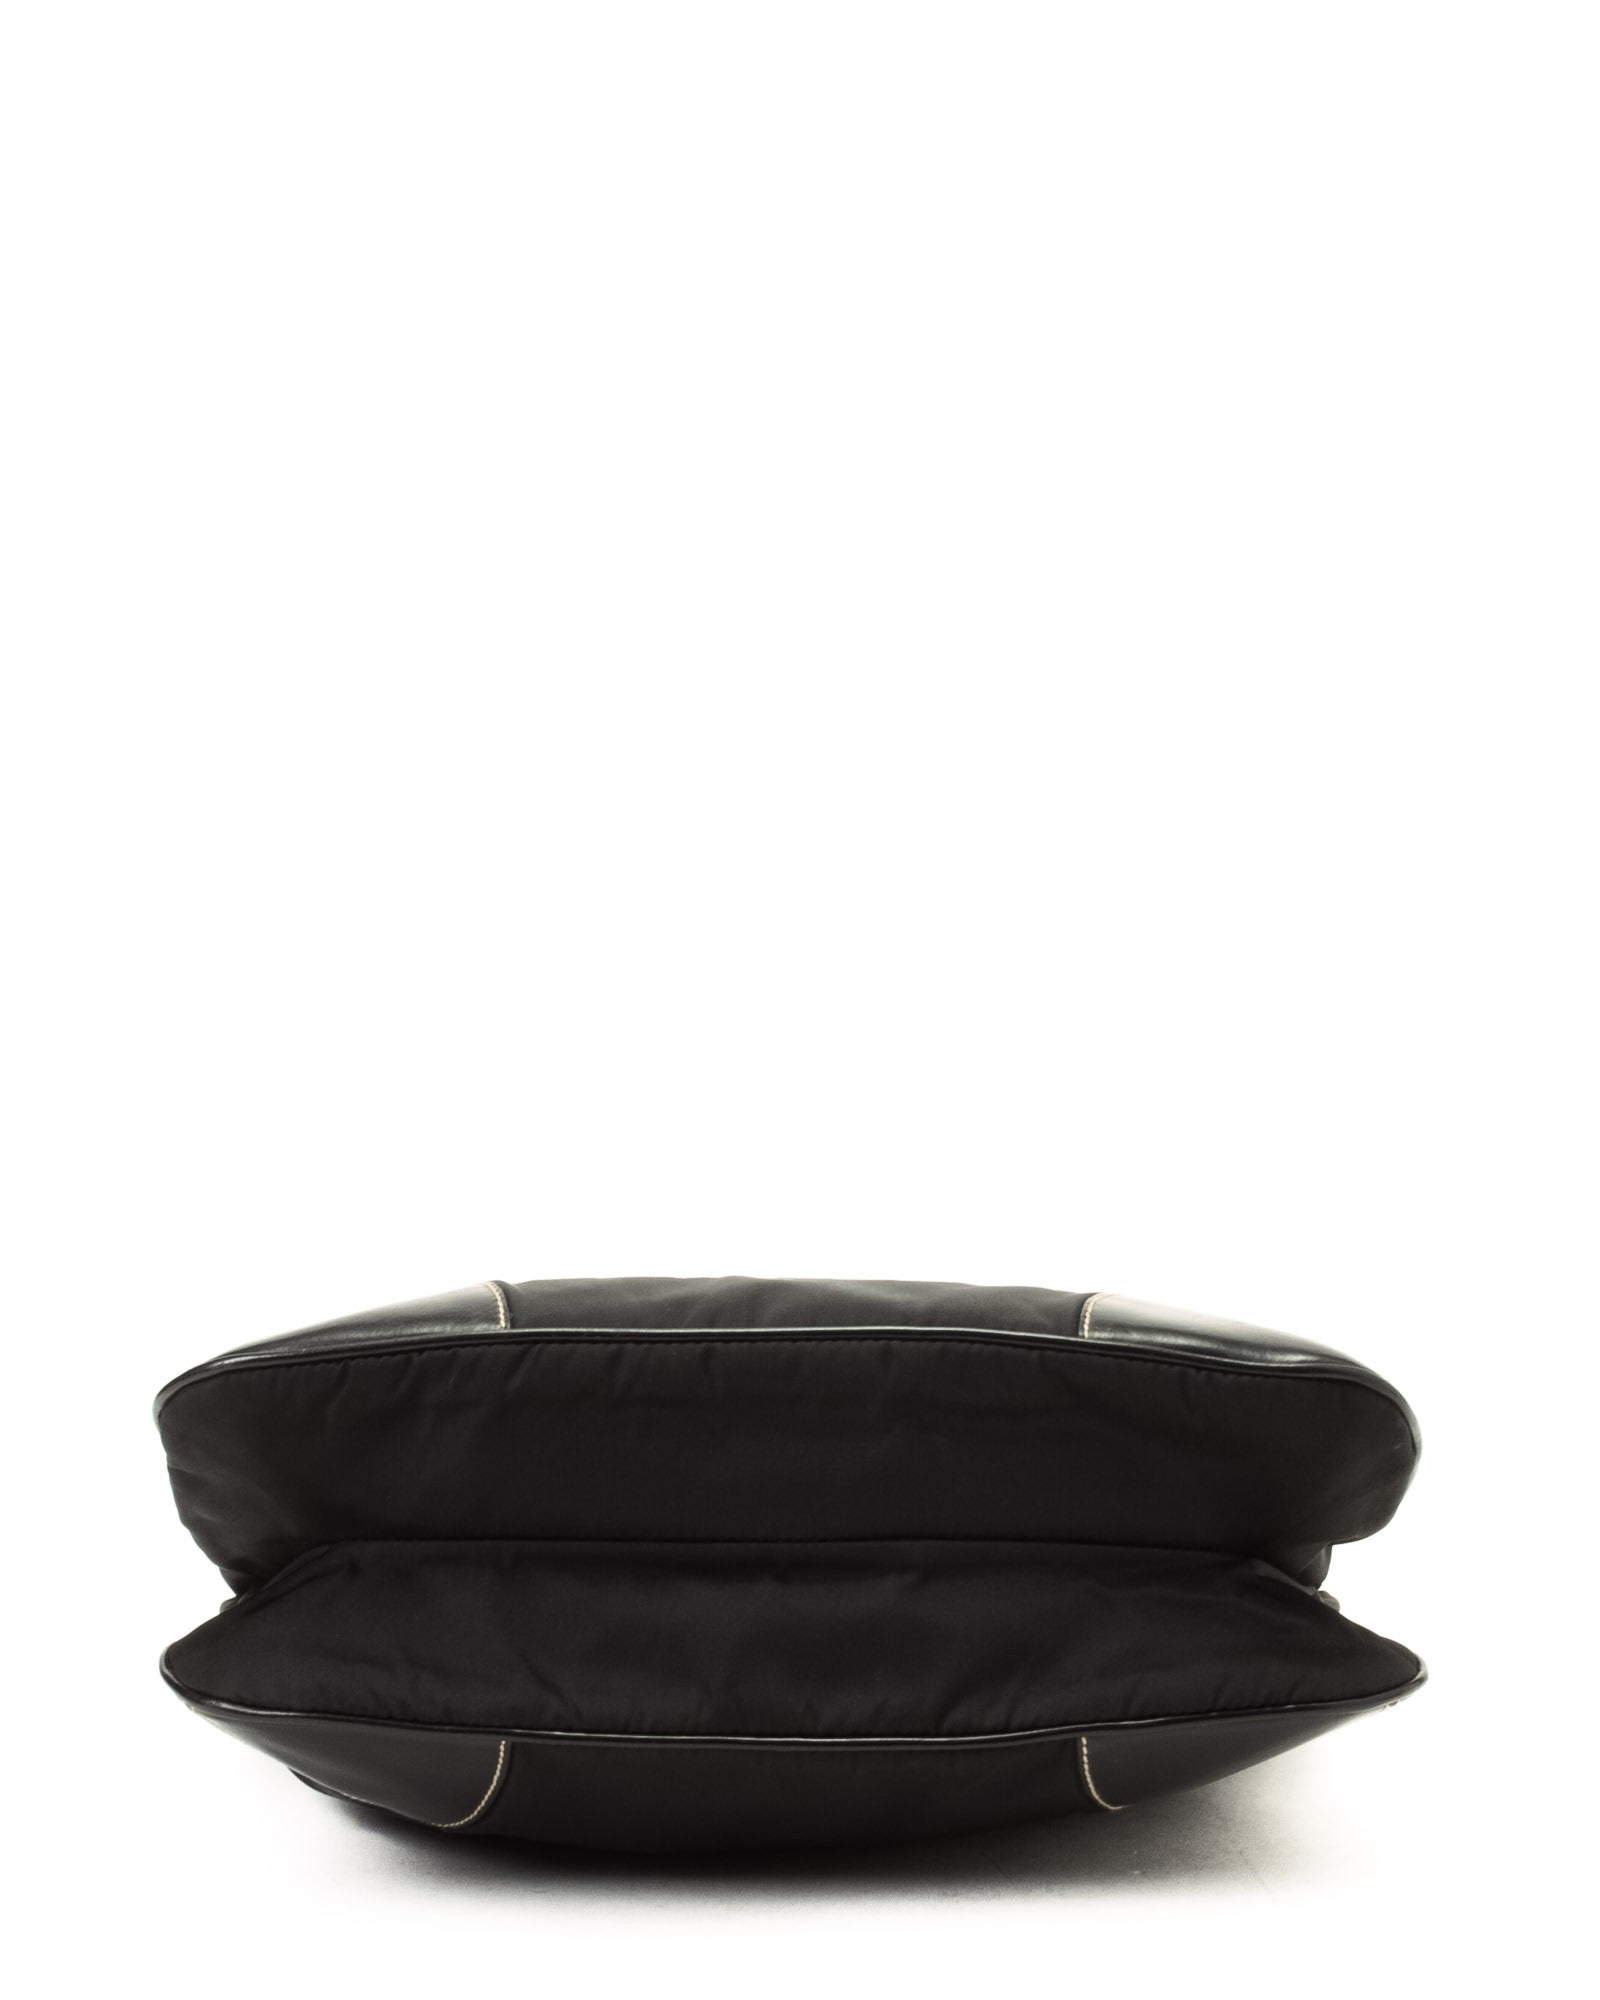 prada pouch mens - prada python tessuto shoulder bag, black prada handbag